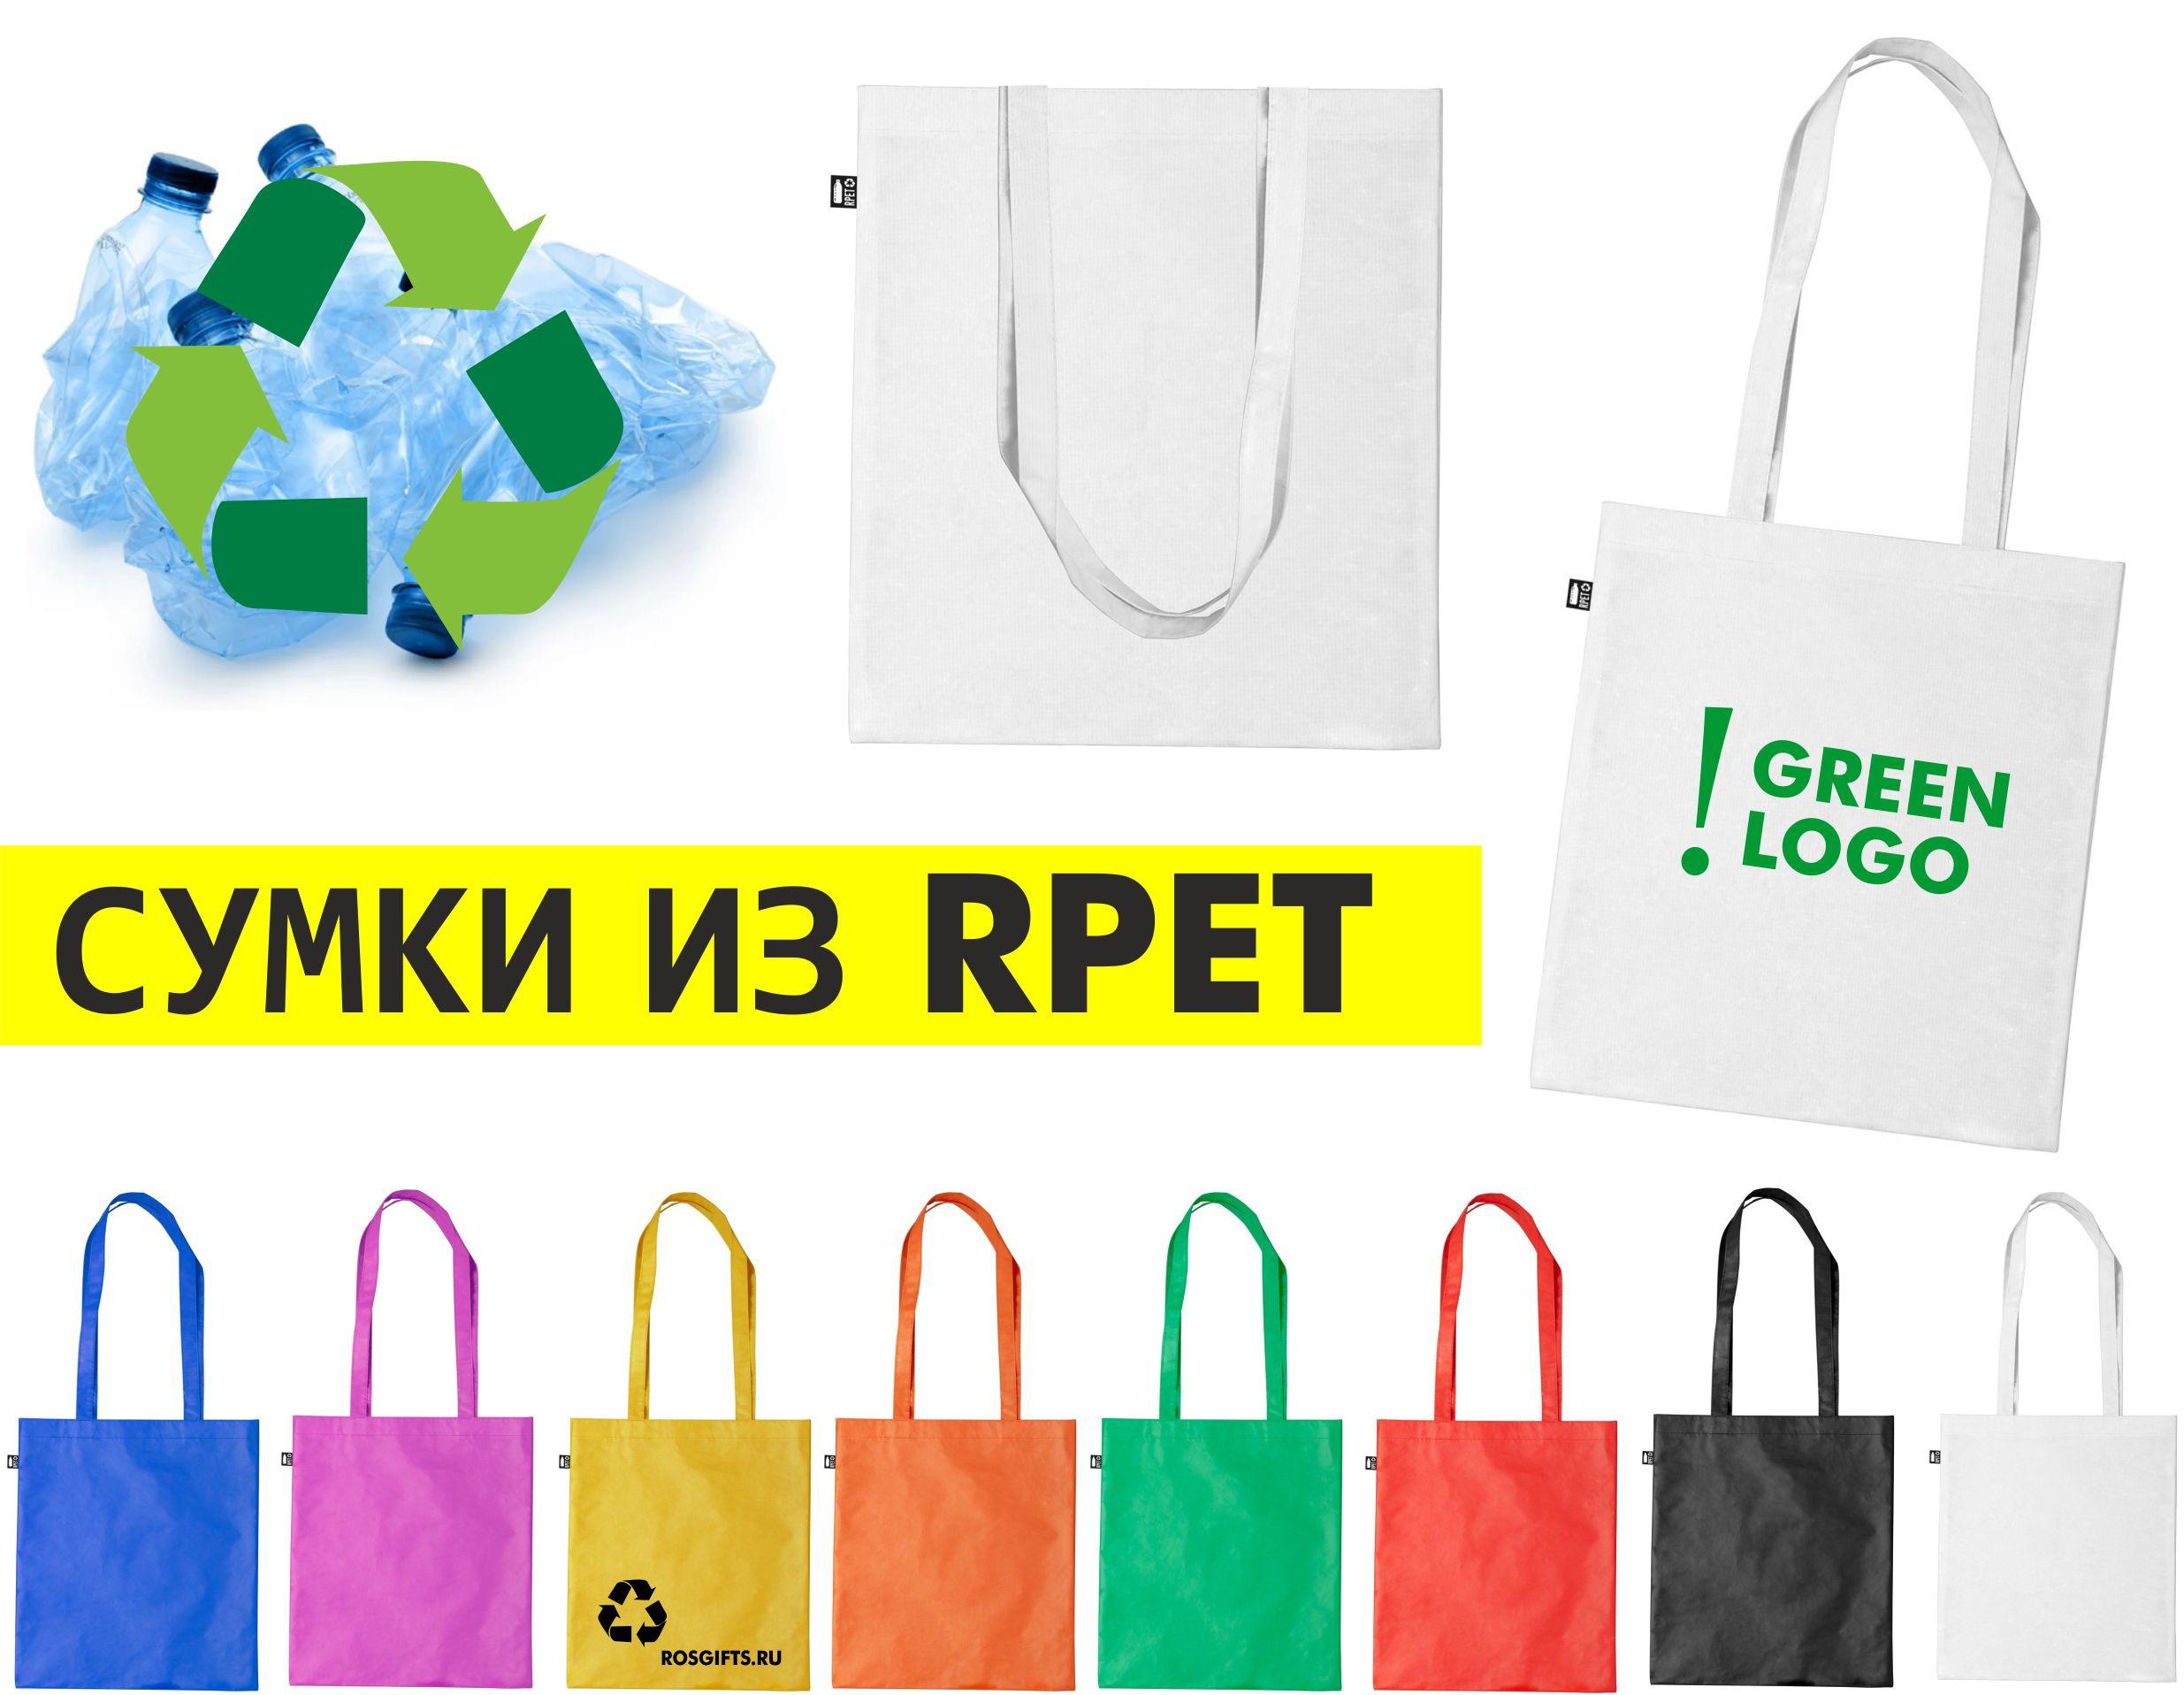 сумки из переработанного пластика